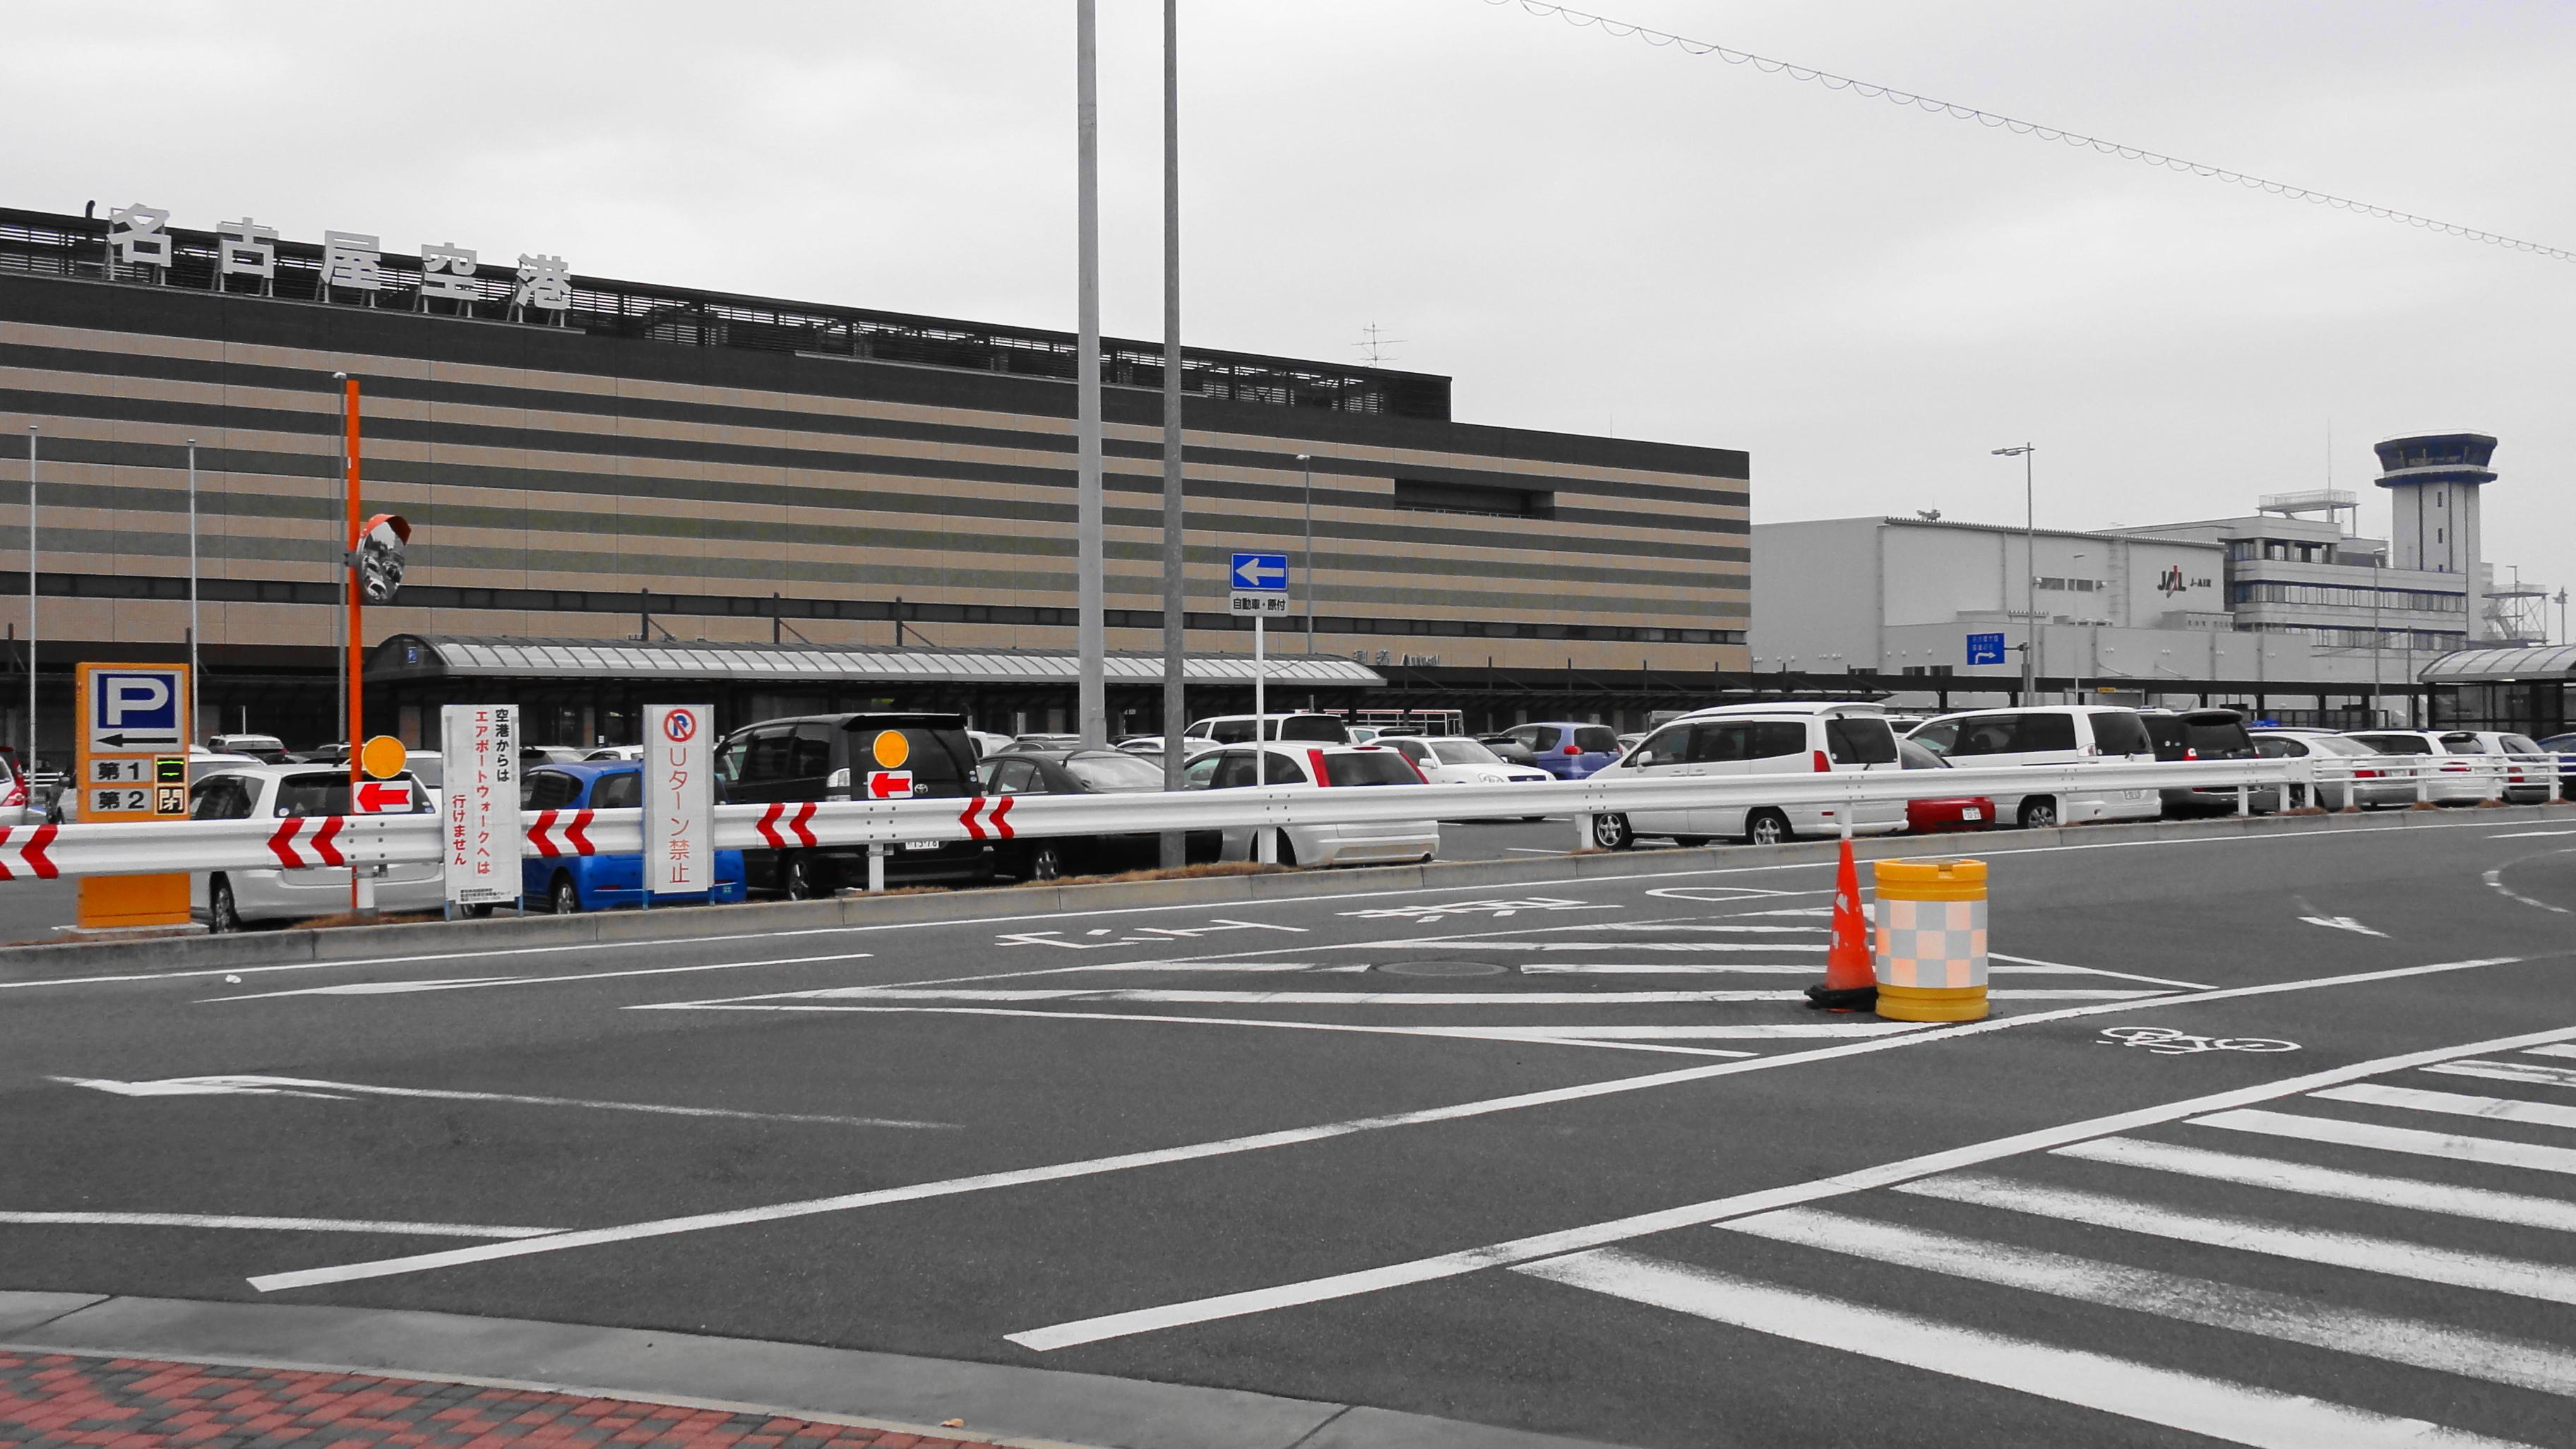 名古屋飛行場 - 維基百科,自由的百科全書